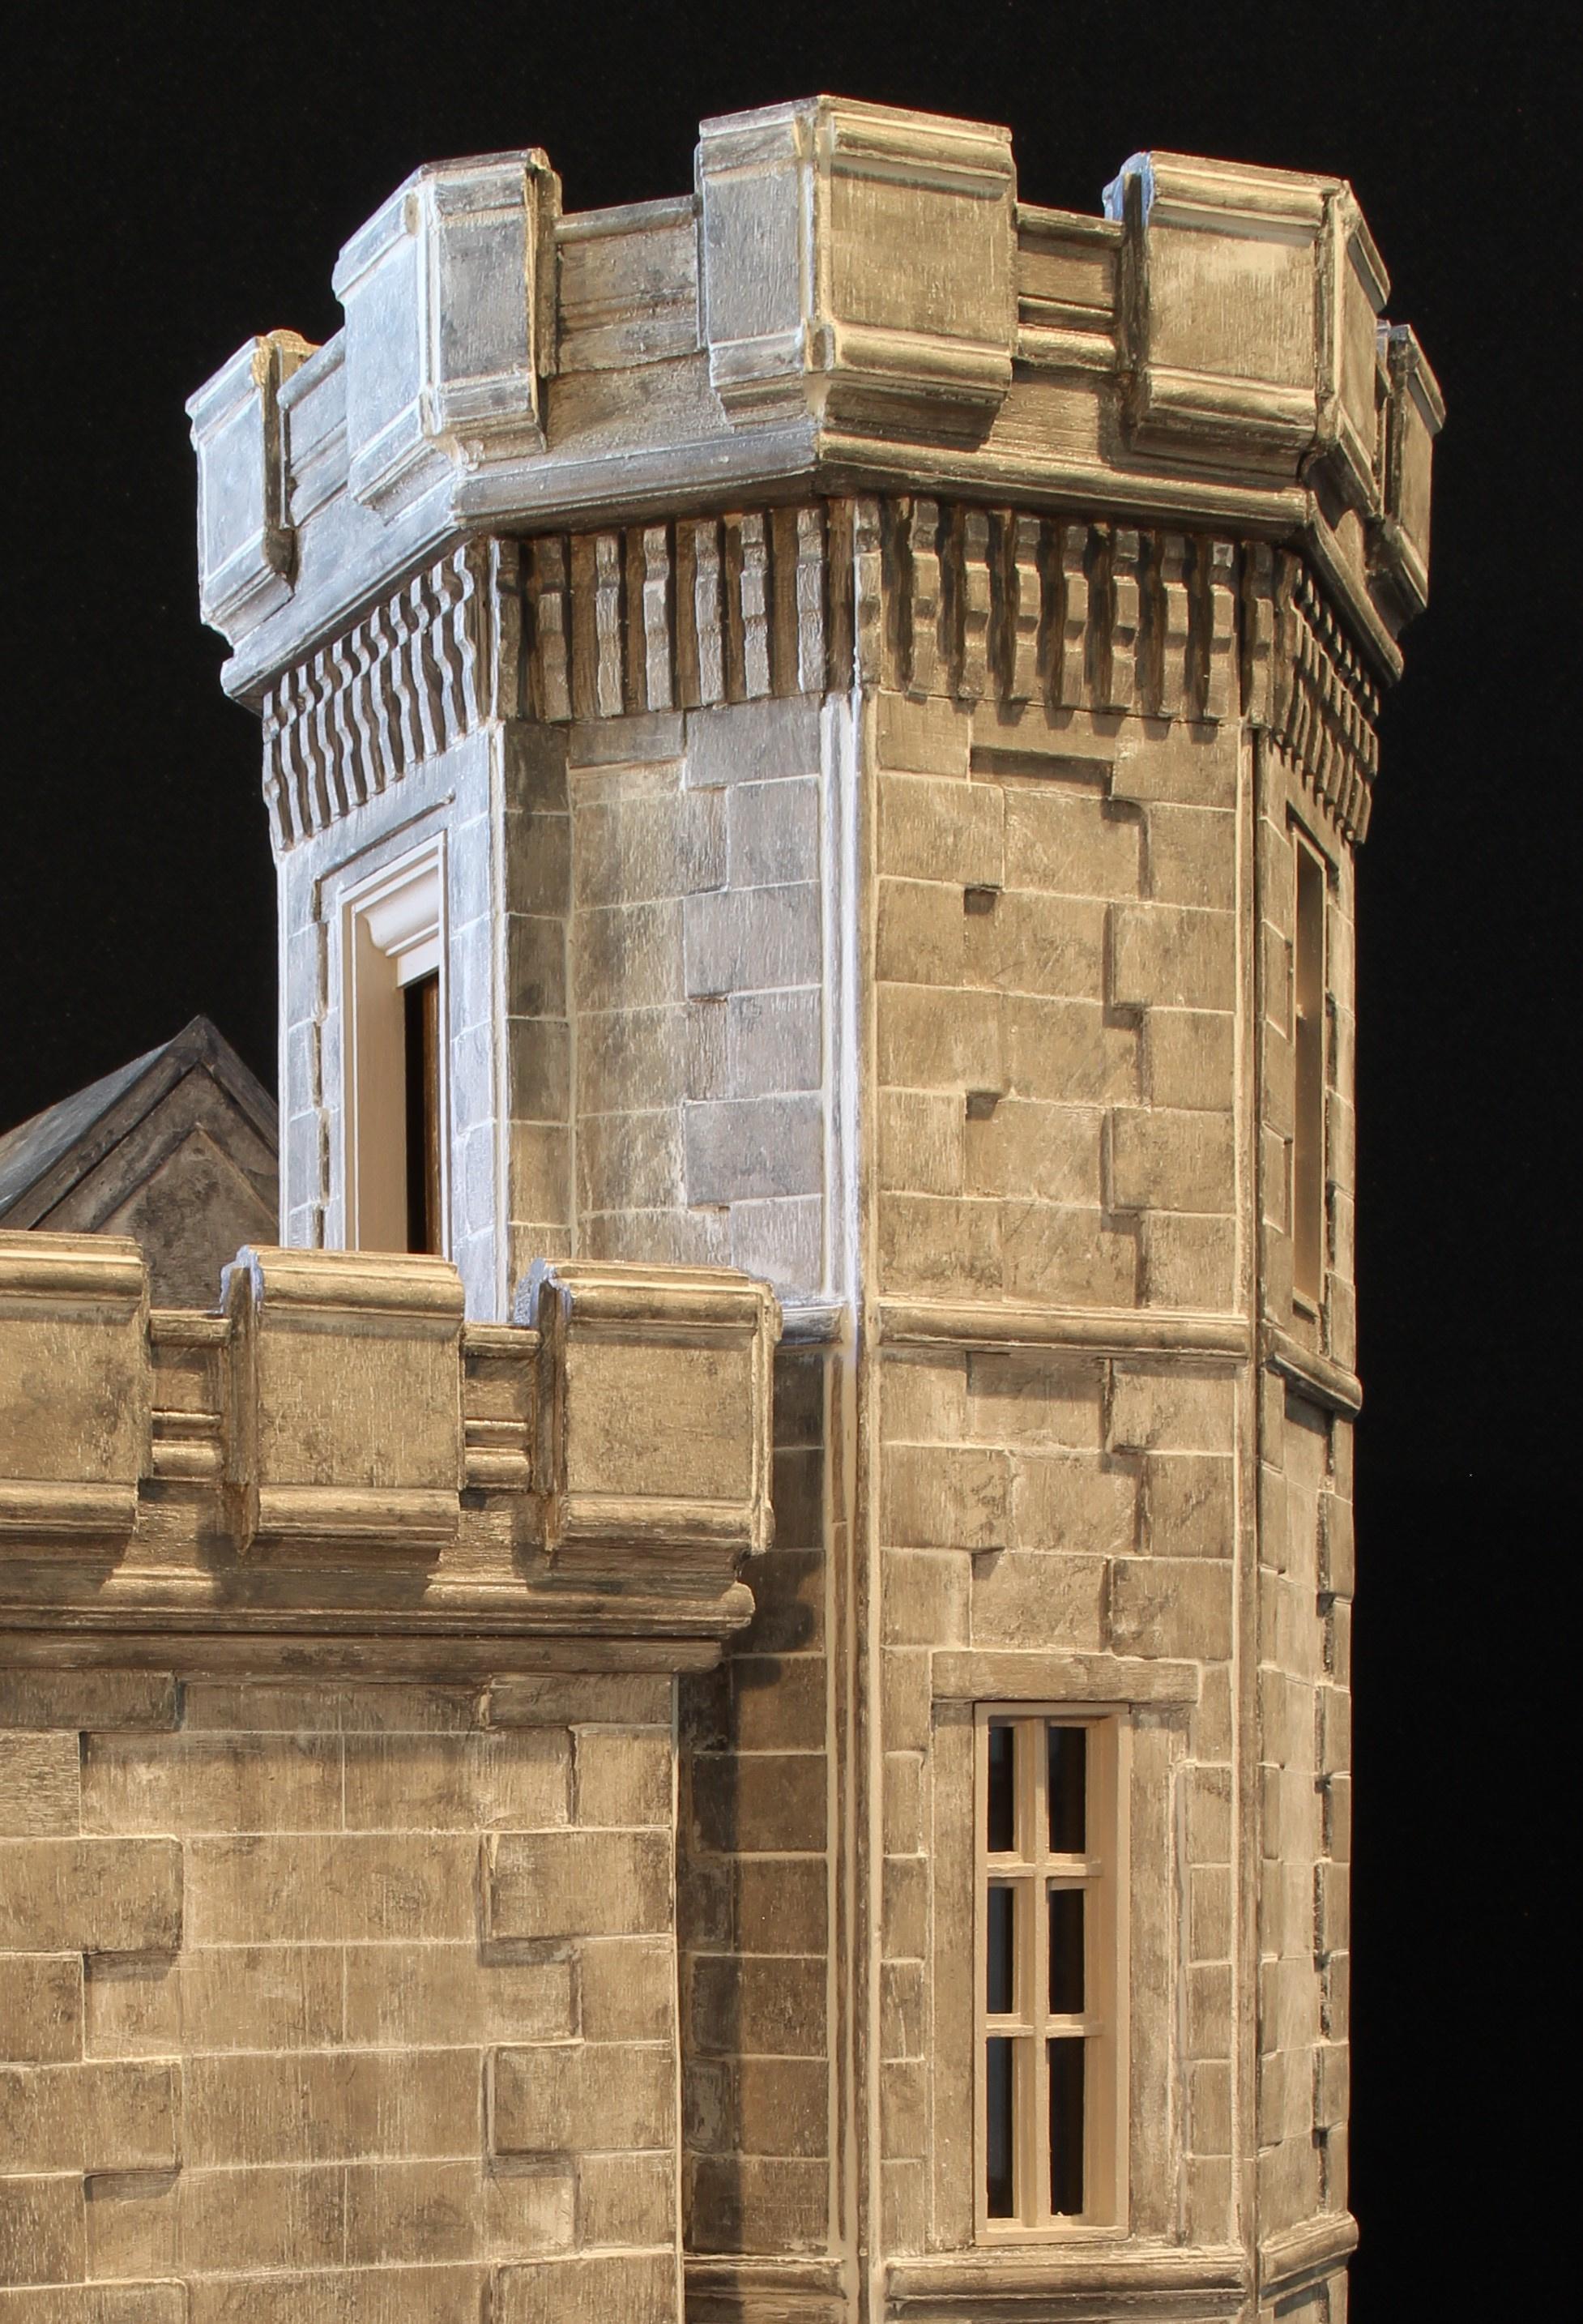 Elongated Octagonal Tower